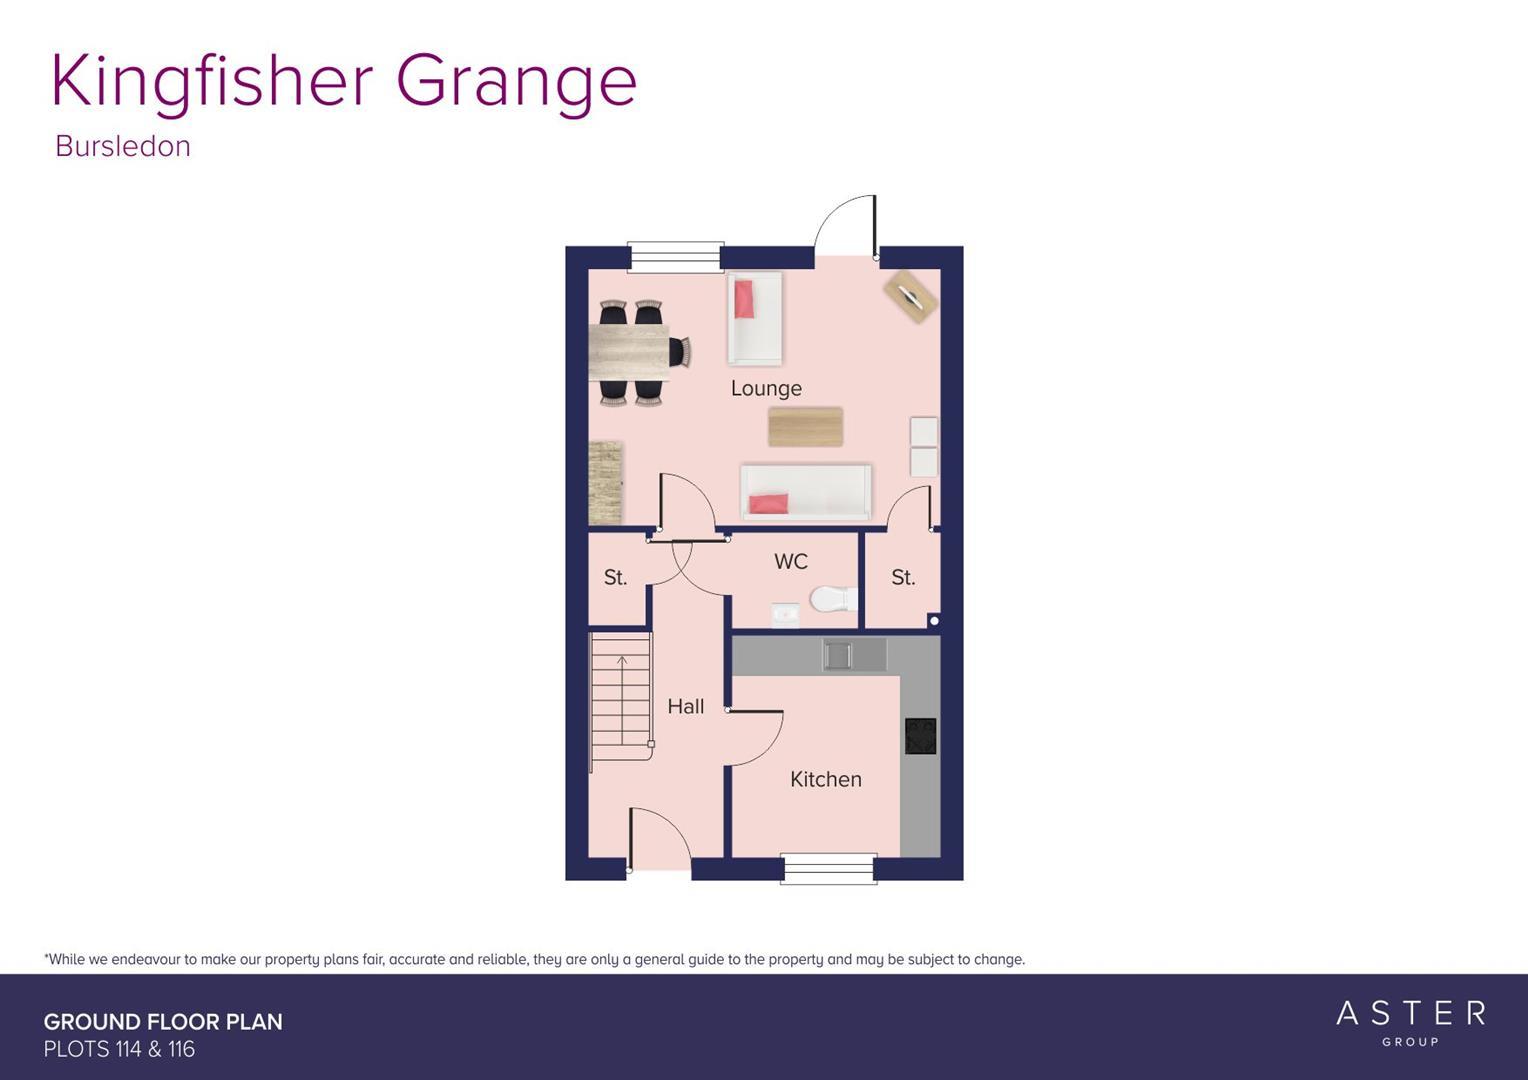 Kingfisher Grange, Bursledon_Plots 114 & 116_GF_F.